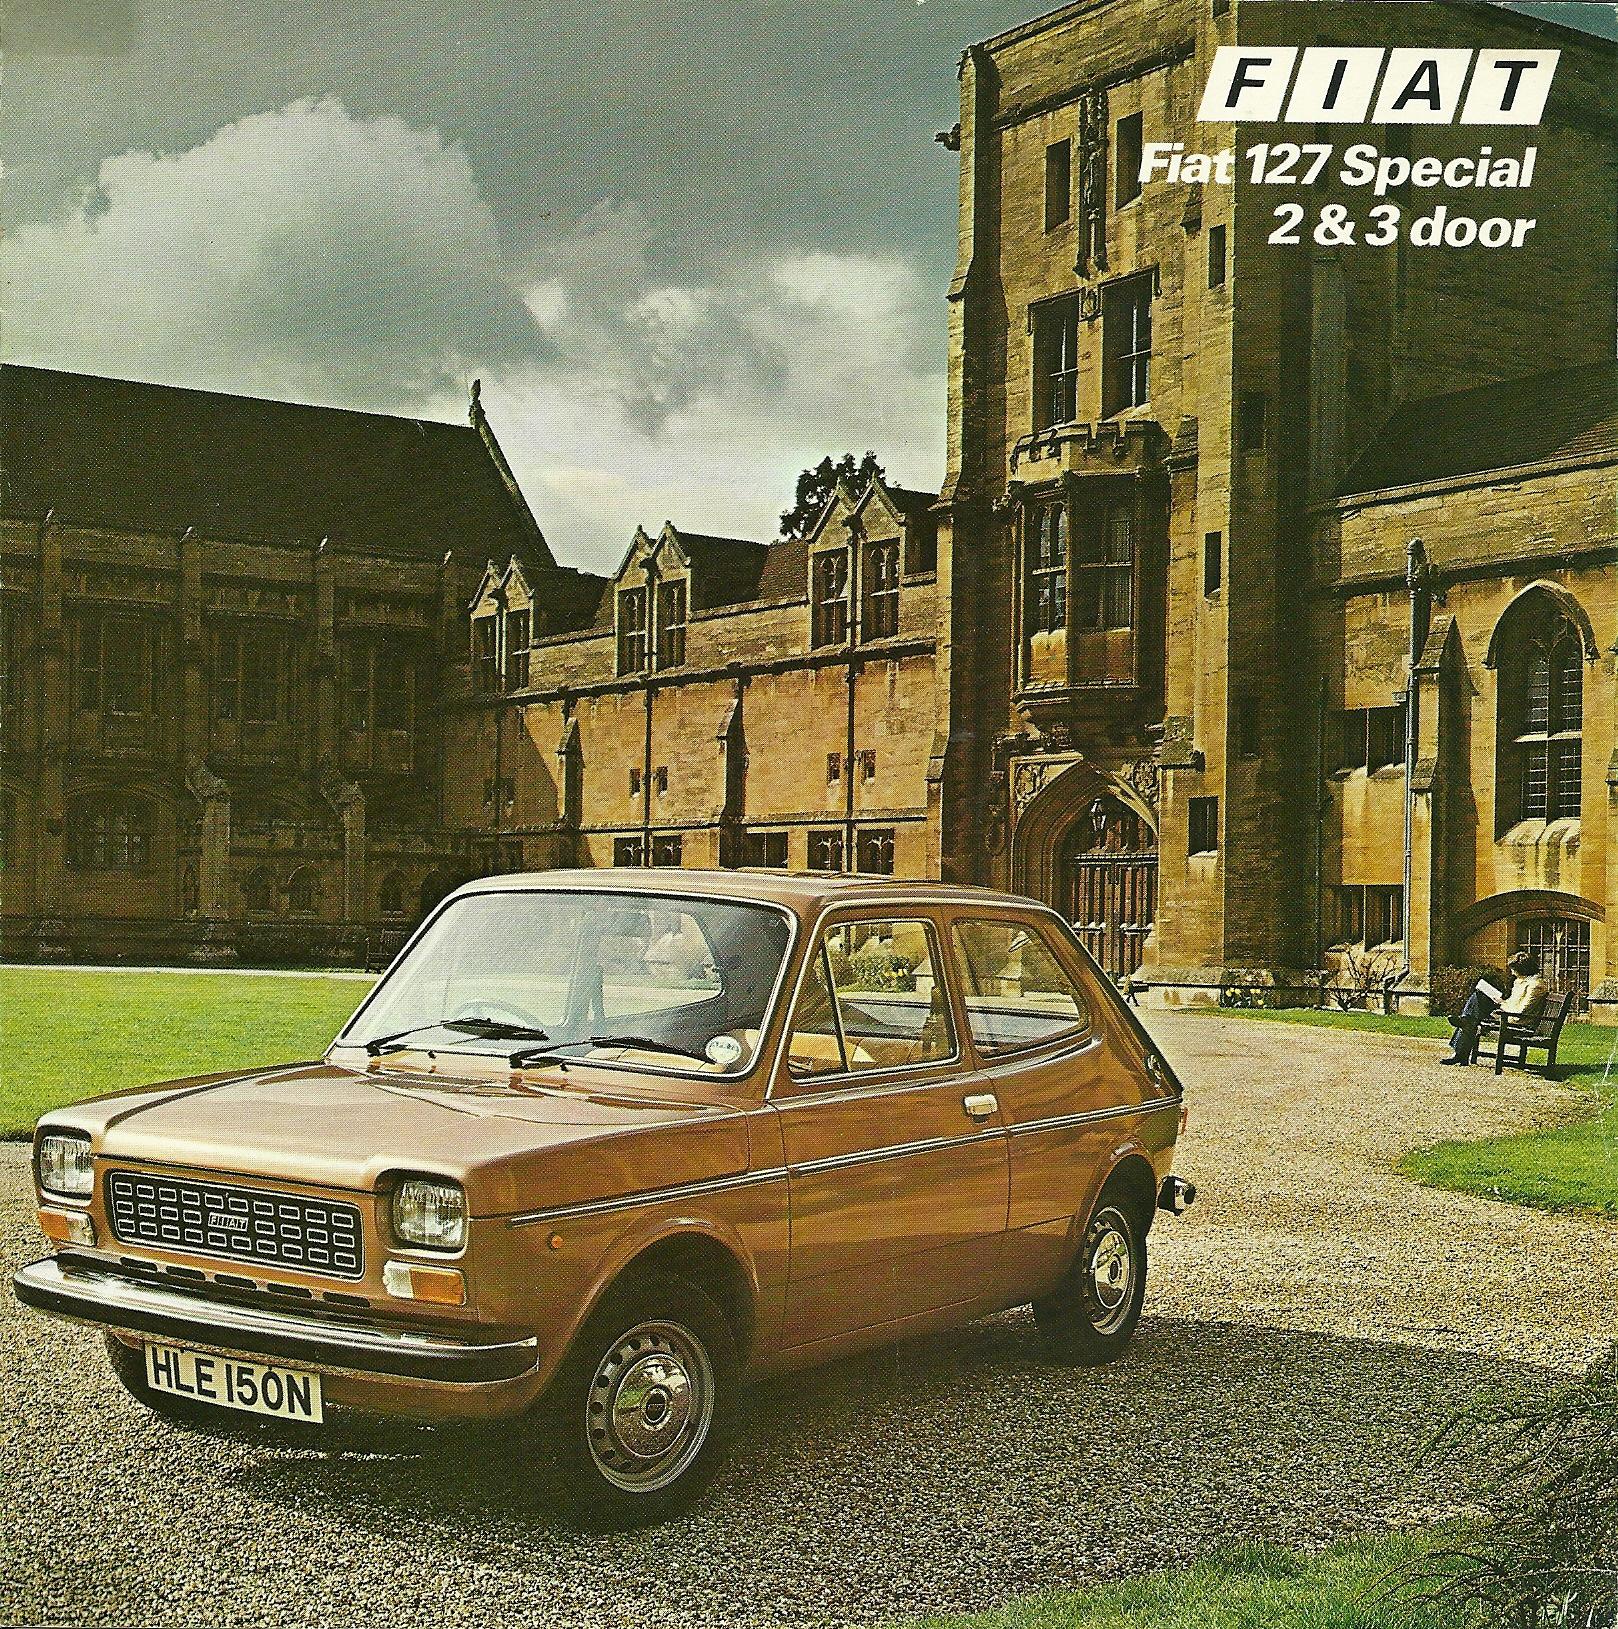 1976 Fiat 127